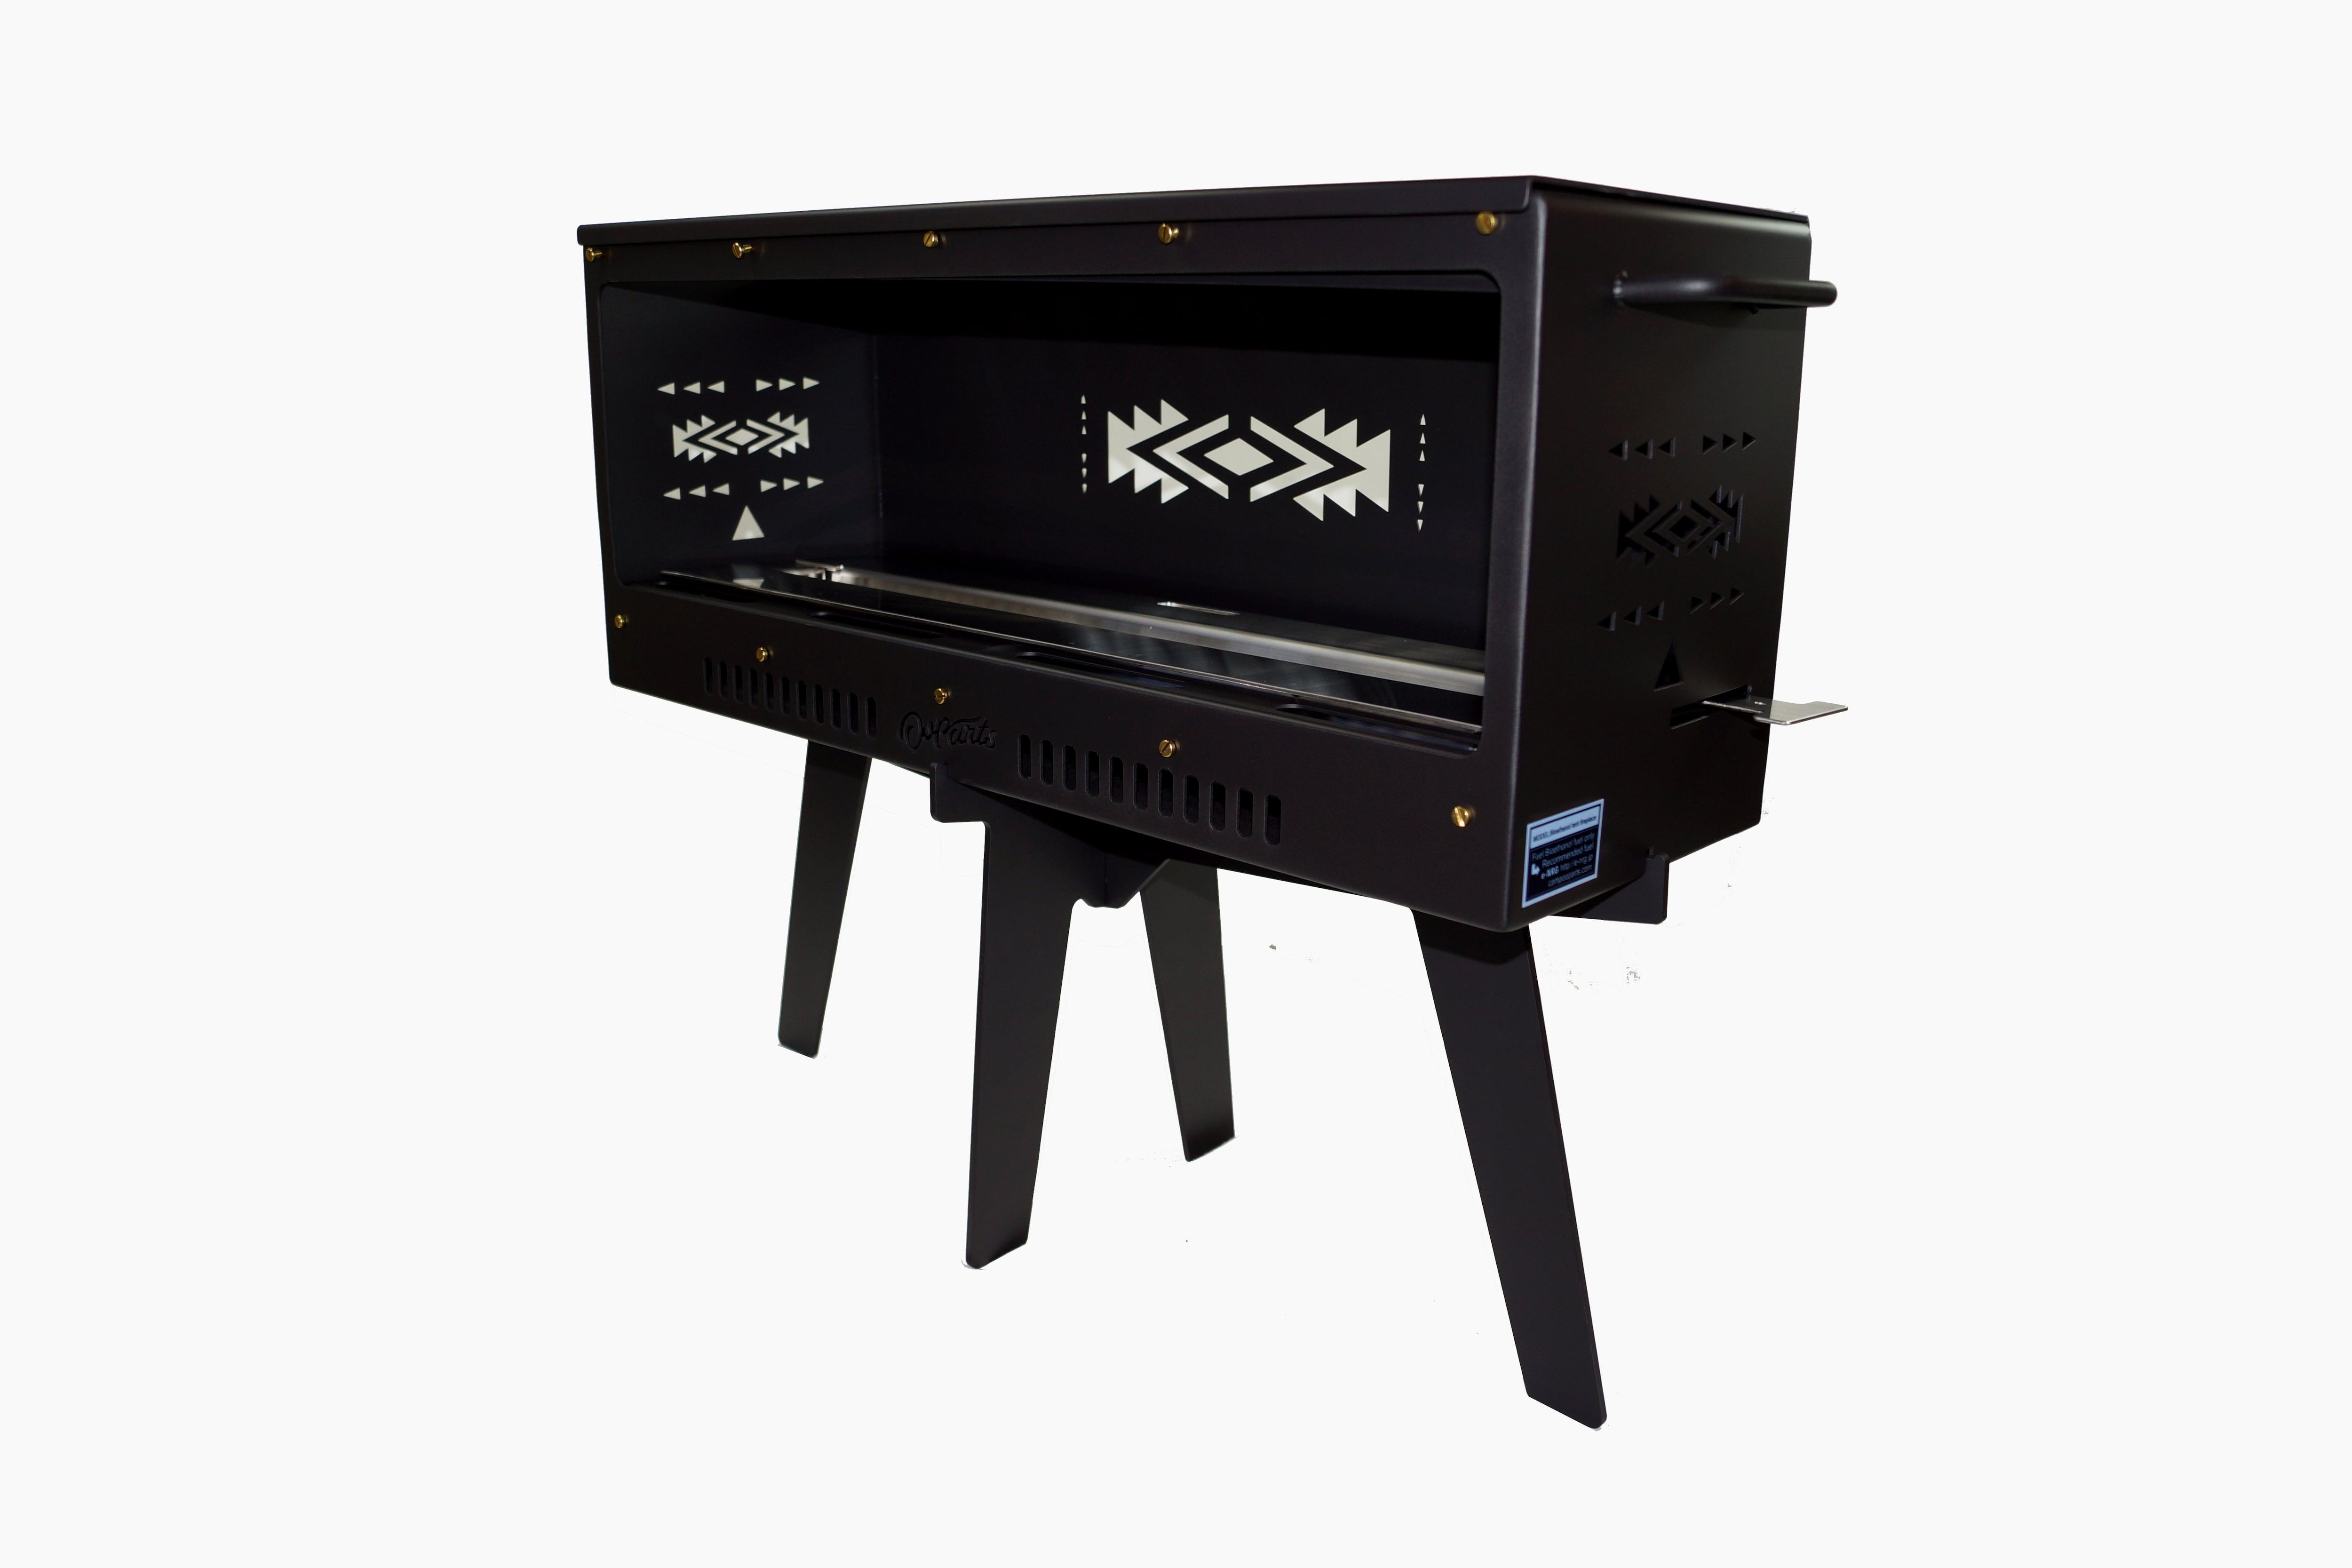 TENT暖炉【片面ガラス無し仕様】CPD4・煙突が要らない暖炉?テントの中で安全に使えるキャンプ用暖炉バイオエタノール暖炉 CAMPOOPARTS